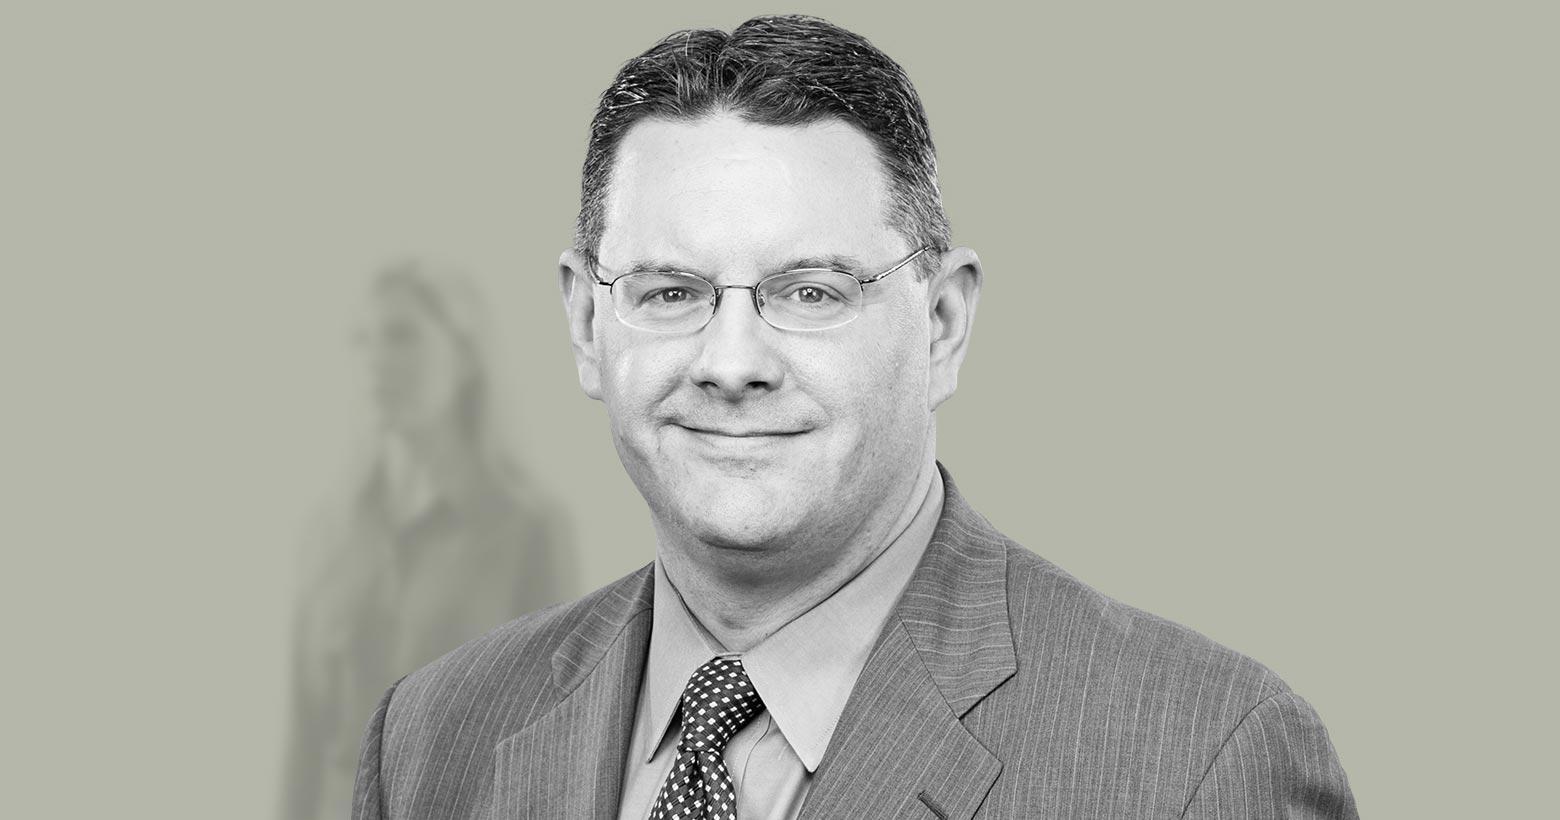 Gregory T. Grogan